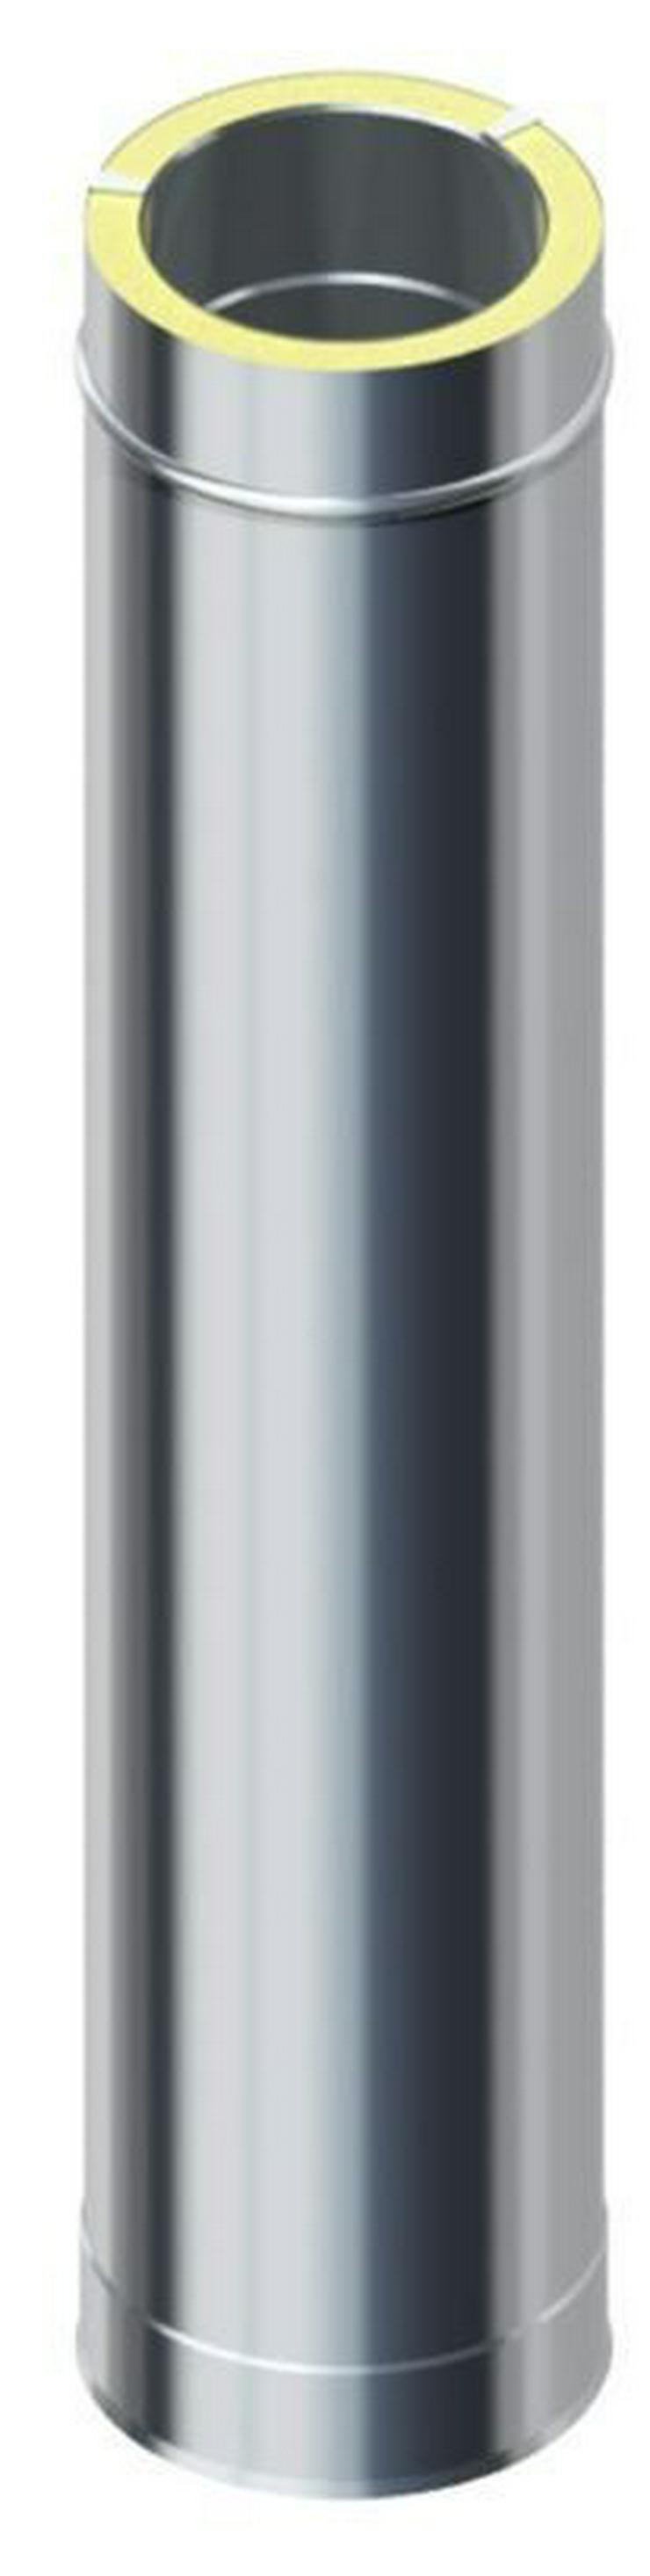 Bild 5: Edelstahlschornstein Bausatz Raab 4,2 m DW 150